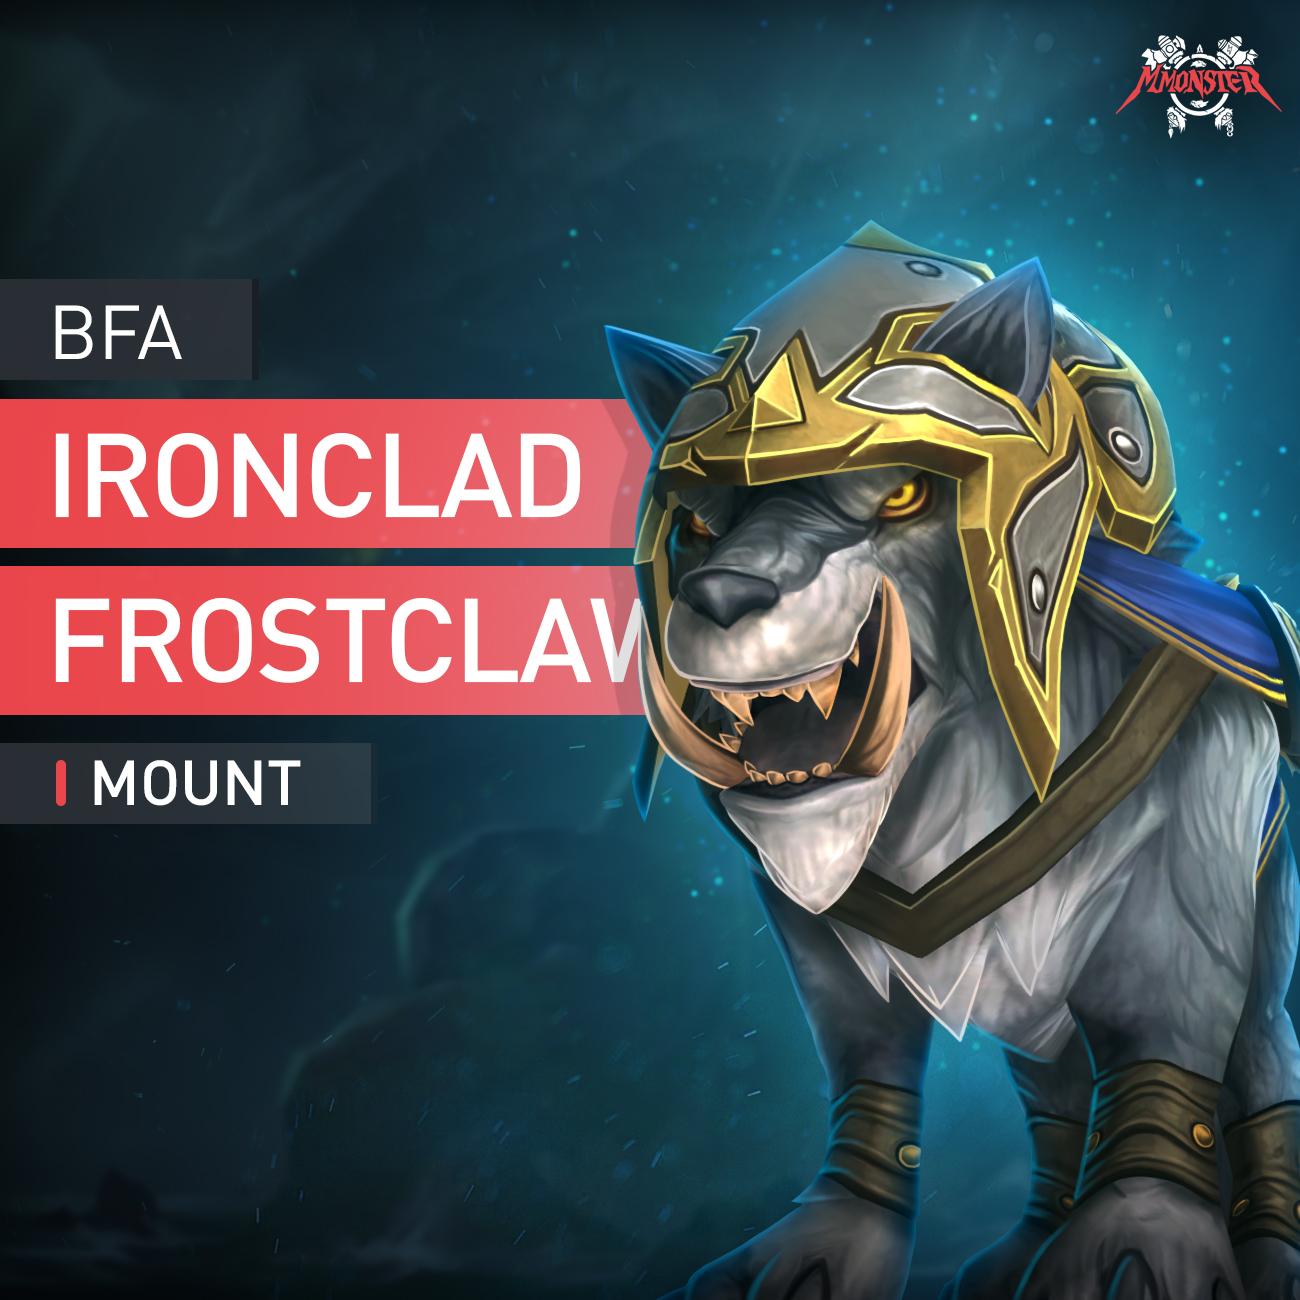 Ironclad Frostclaw